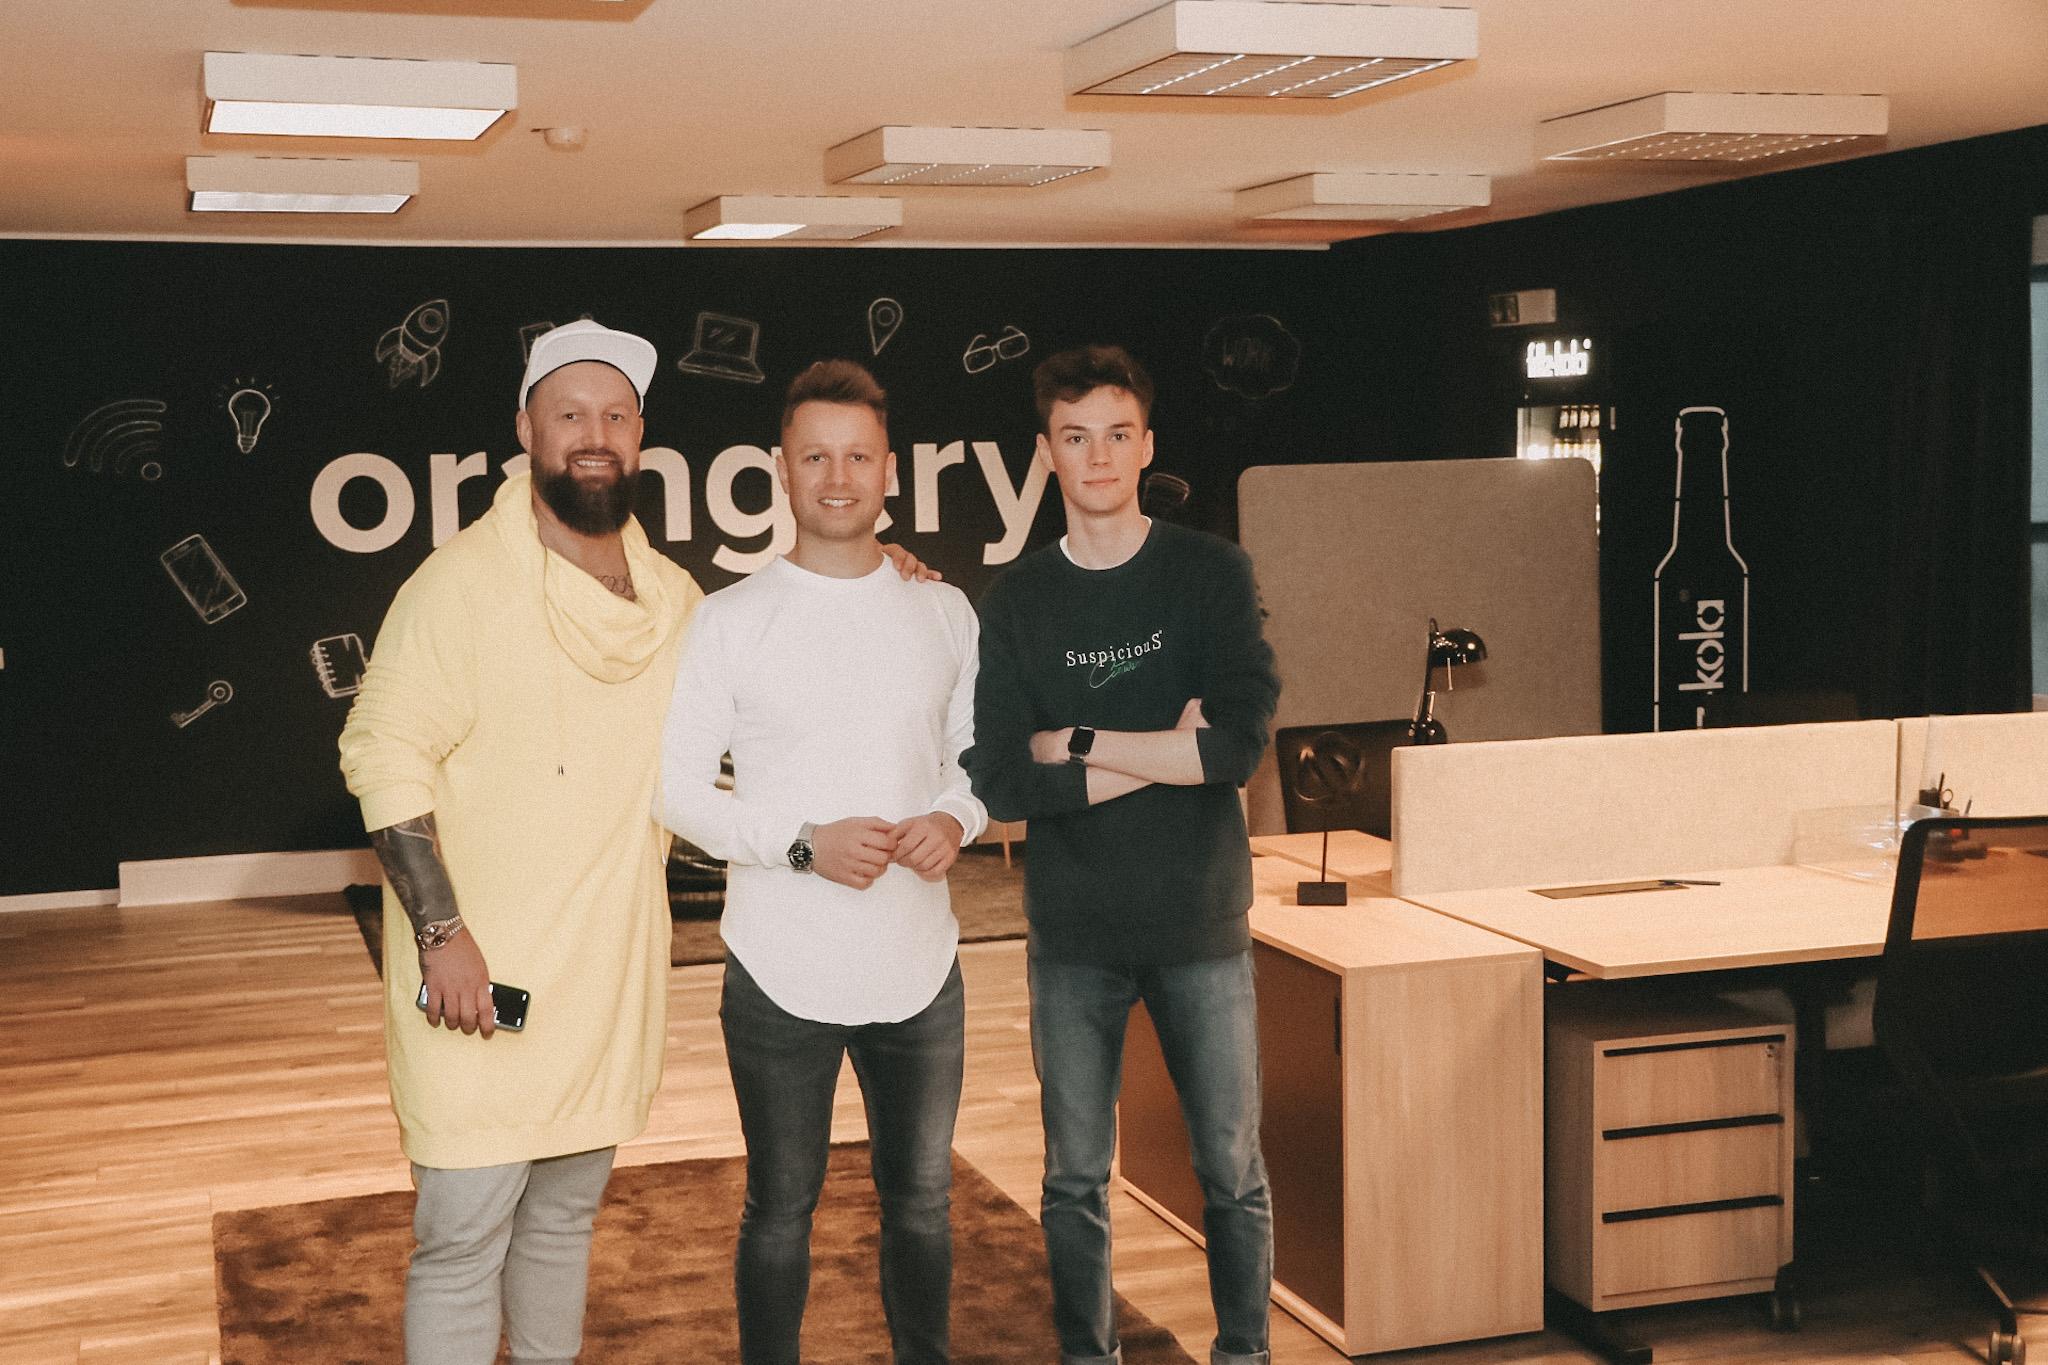 Das Bild zeigt die drei Gründer vom Startup-Zentrum Orangery in Hildesheim.